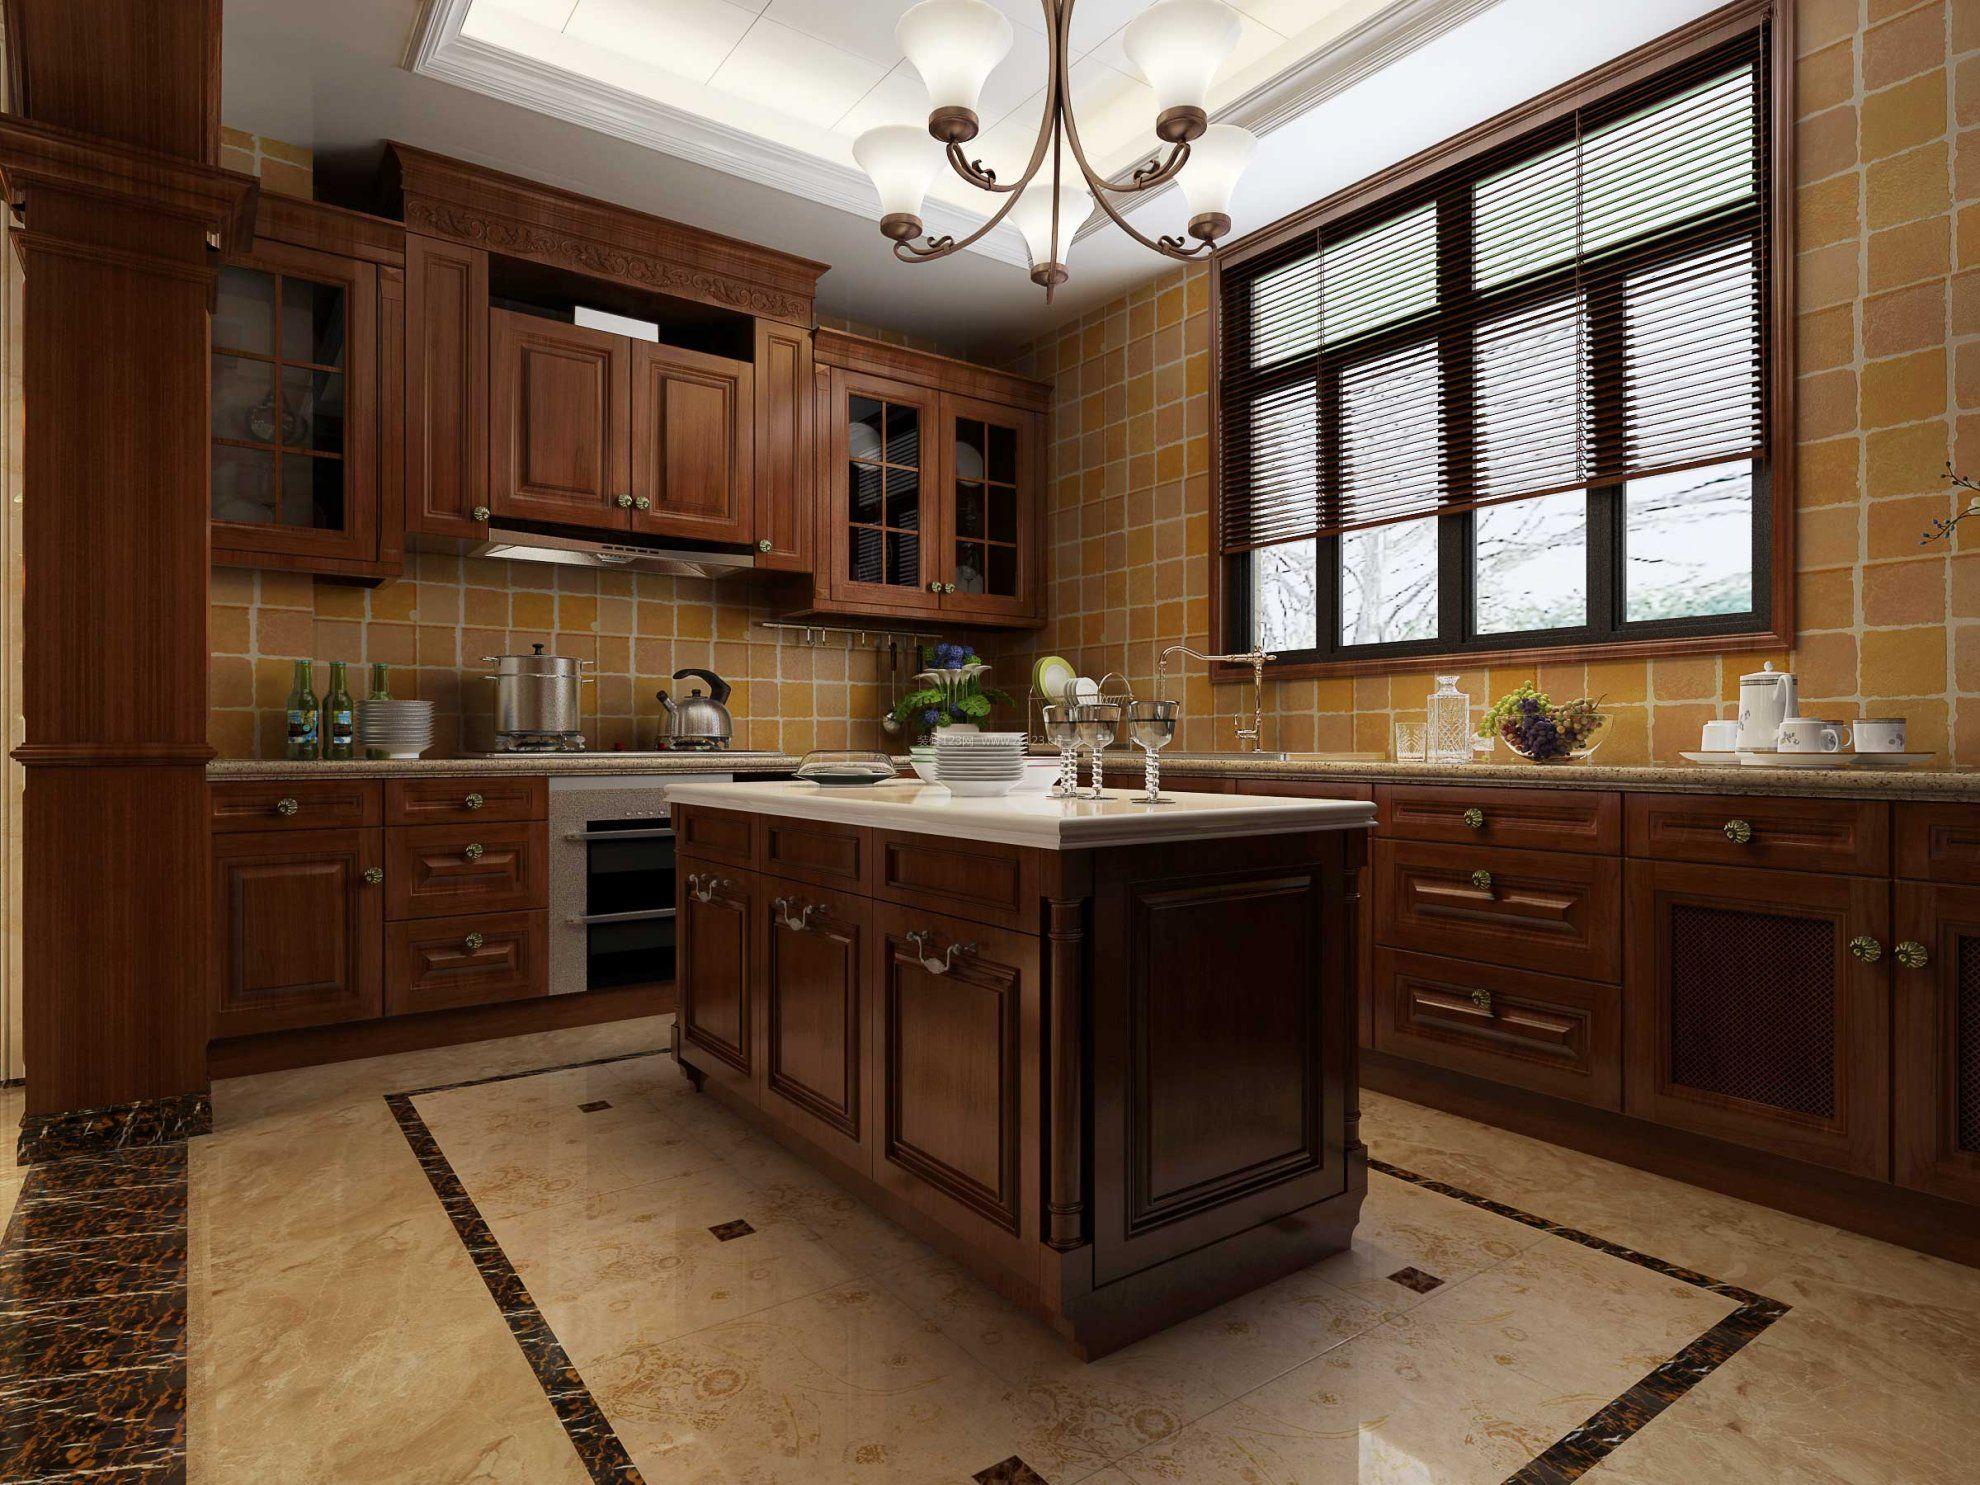 2017欧式别墅新厨房窗户效果图图片